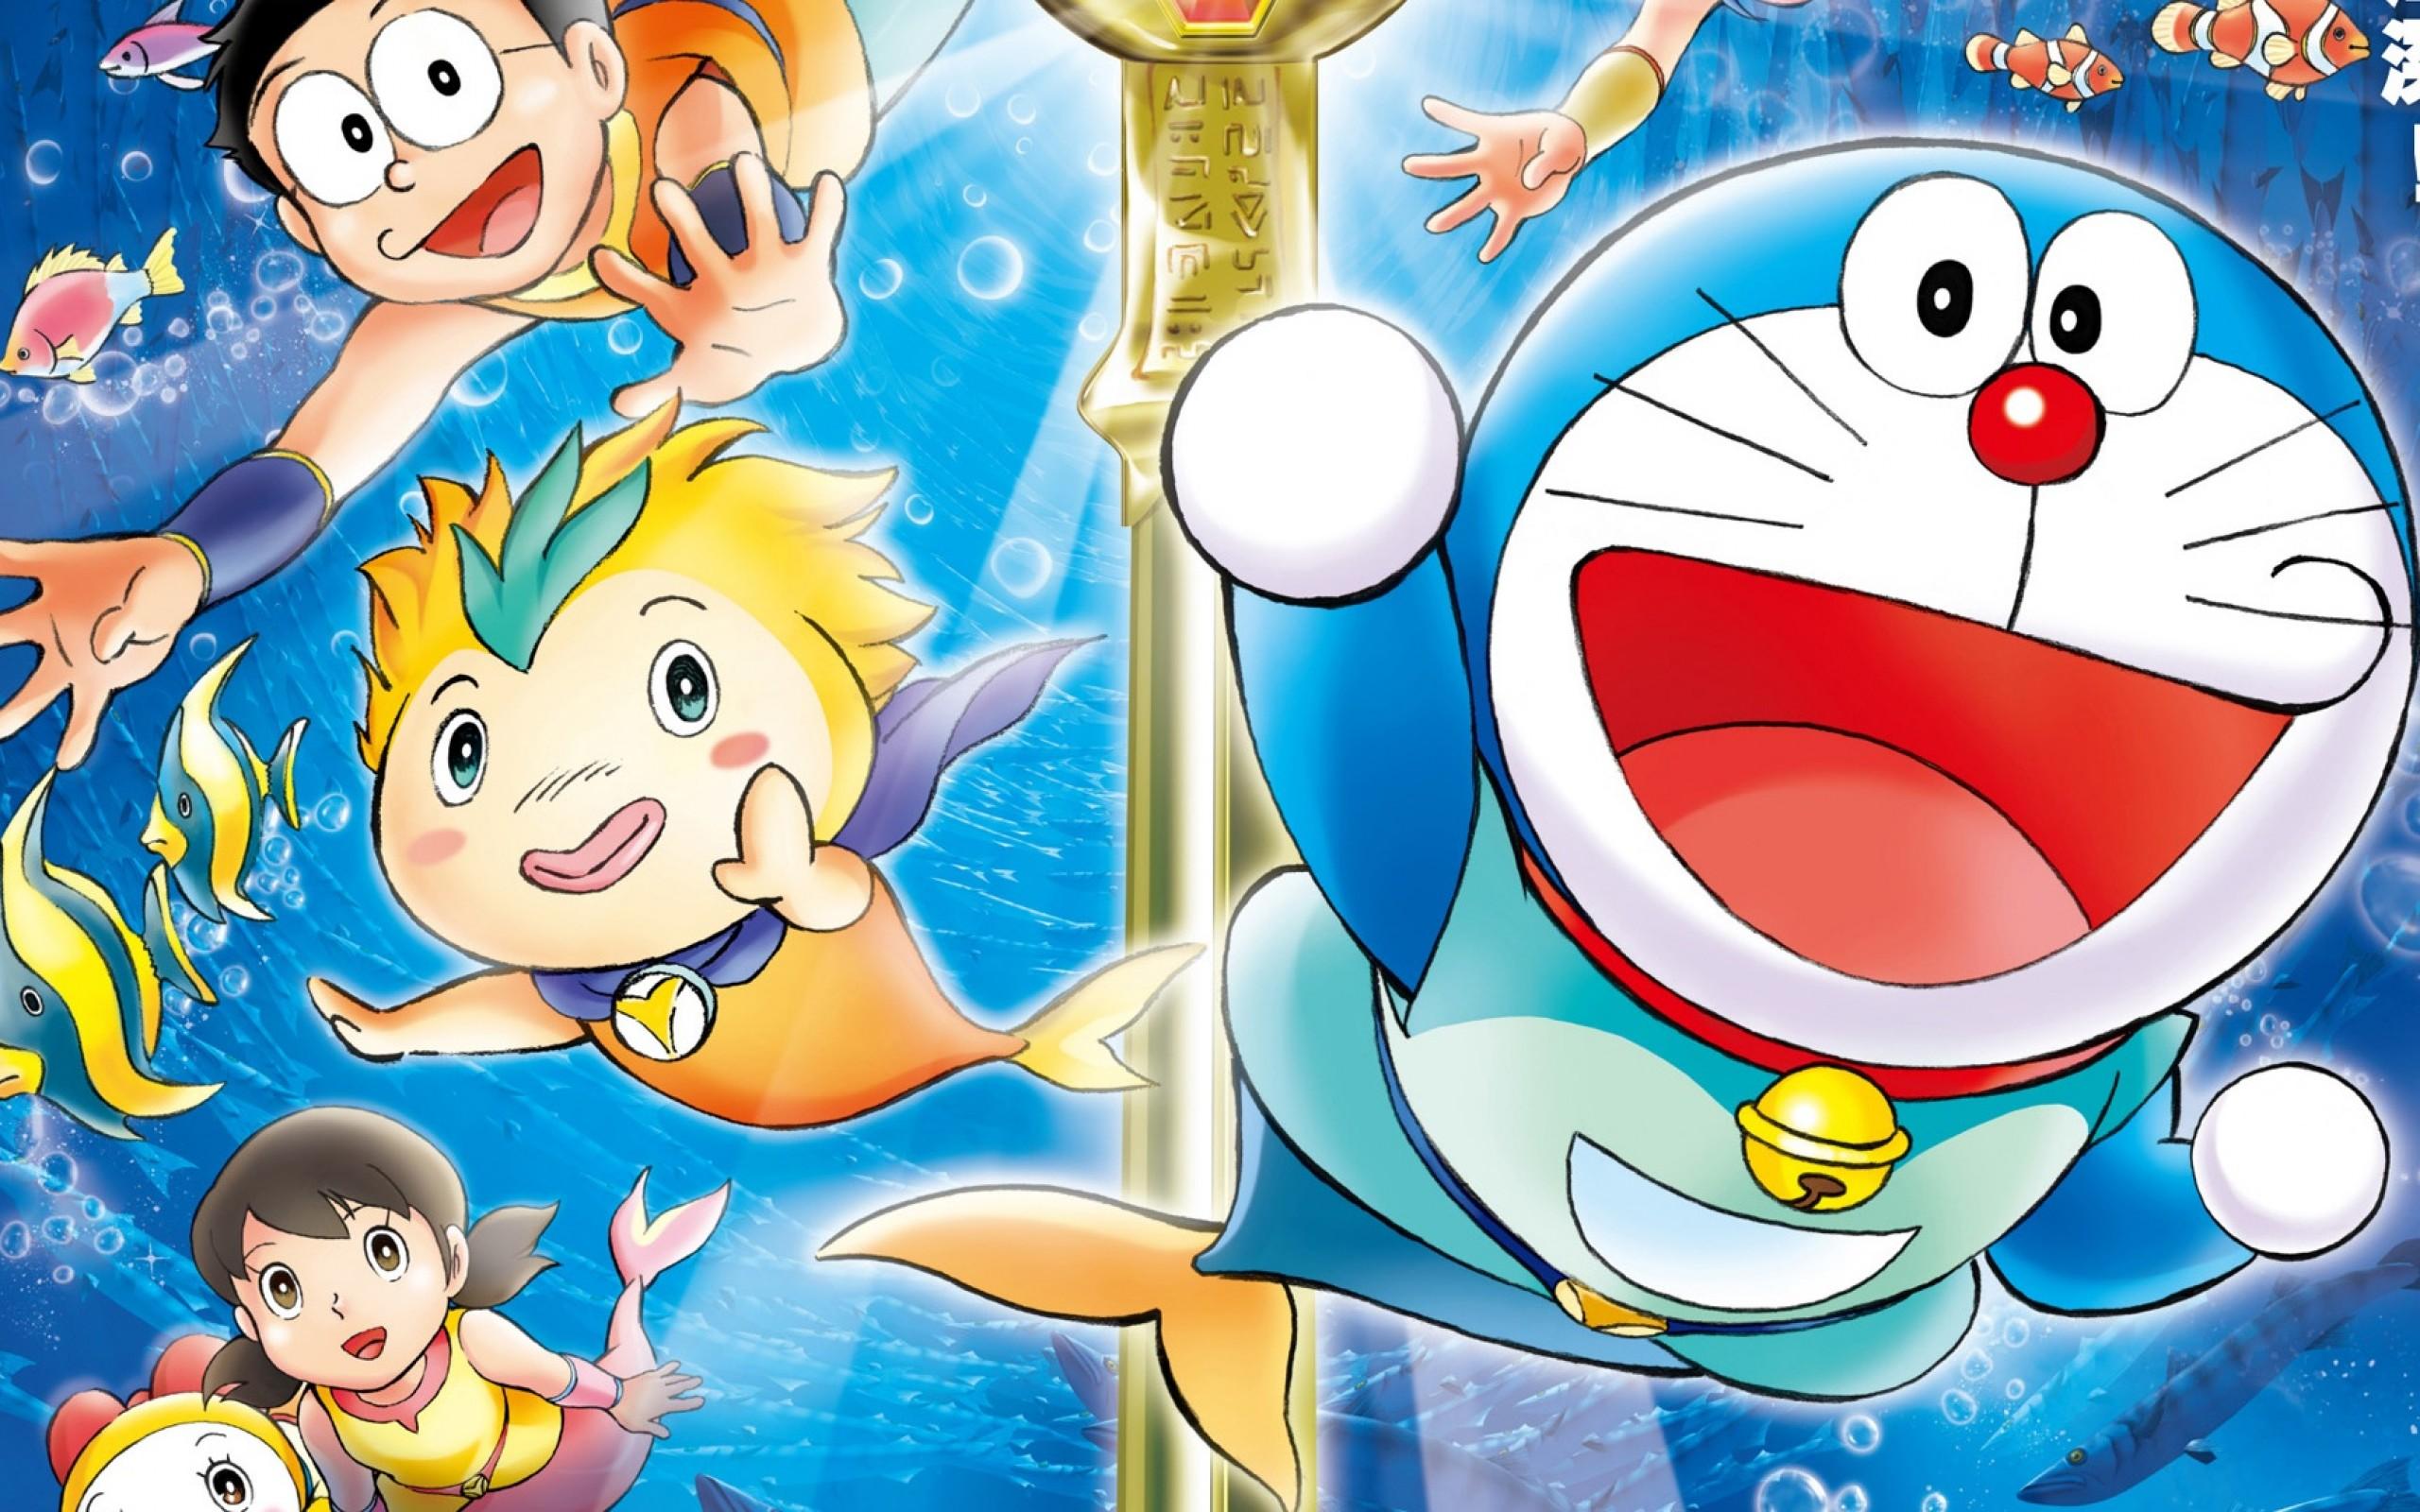 Doraemon full hd wallpaper and background image 2560x1600 id452420 anime doraemon wallpaper voltagebd Image collections